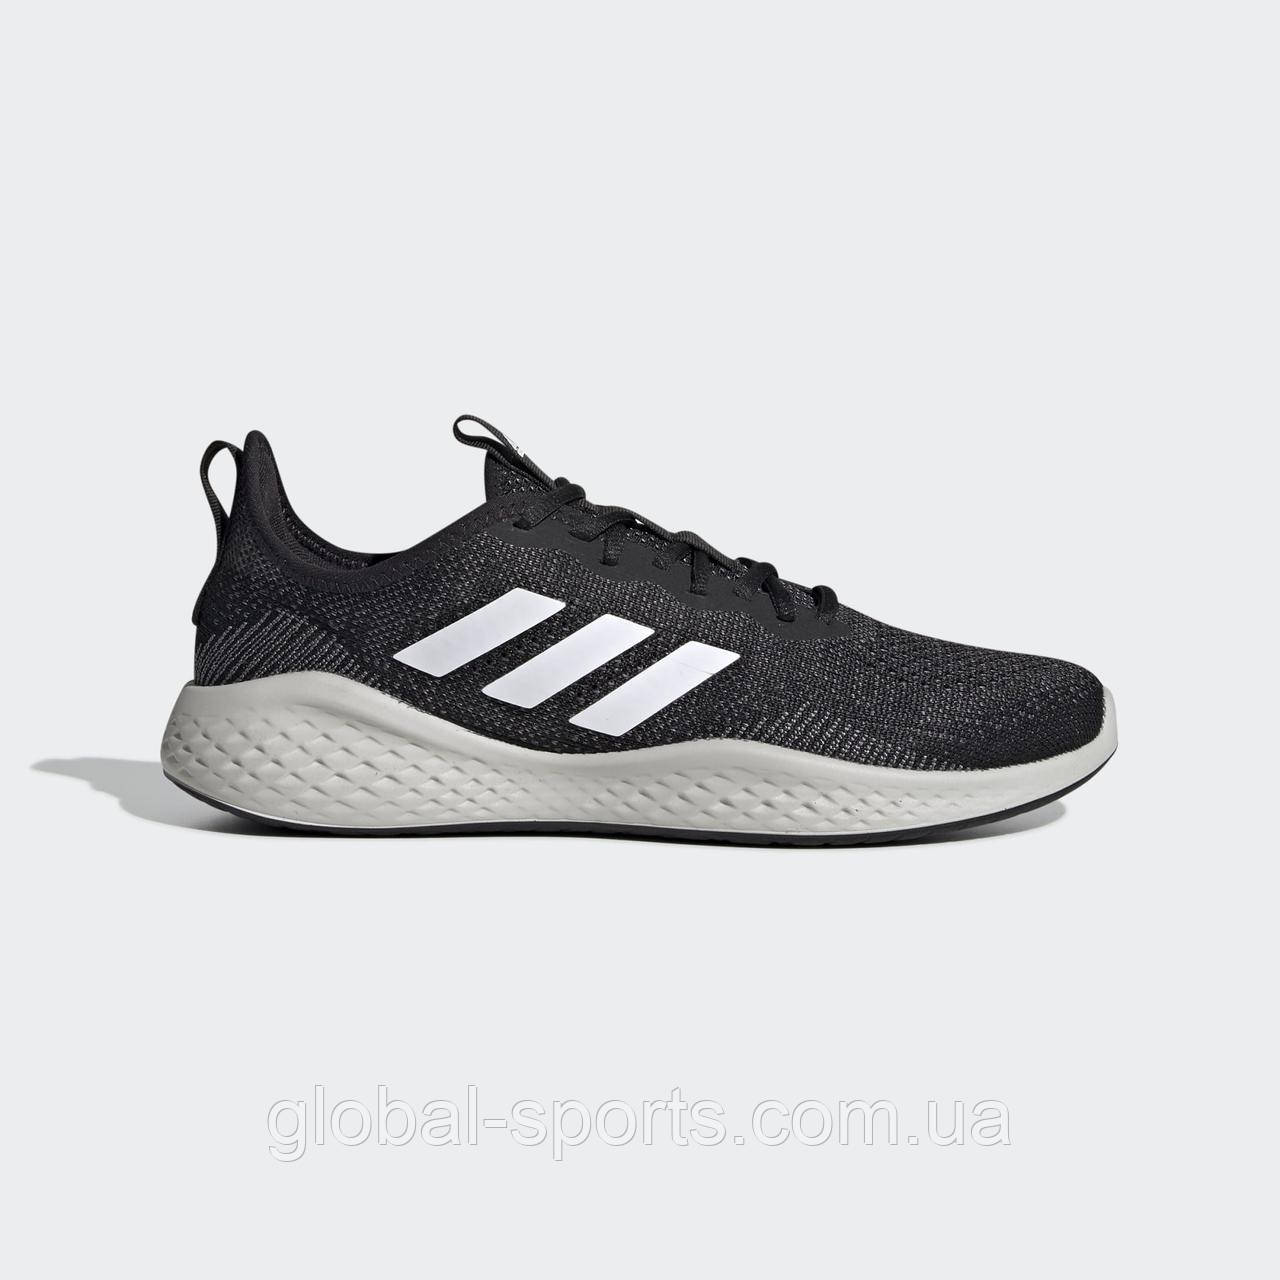 Чоловічі кросівки Adidas Fluidflow(Артикул:EG3665)